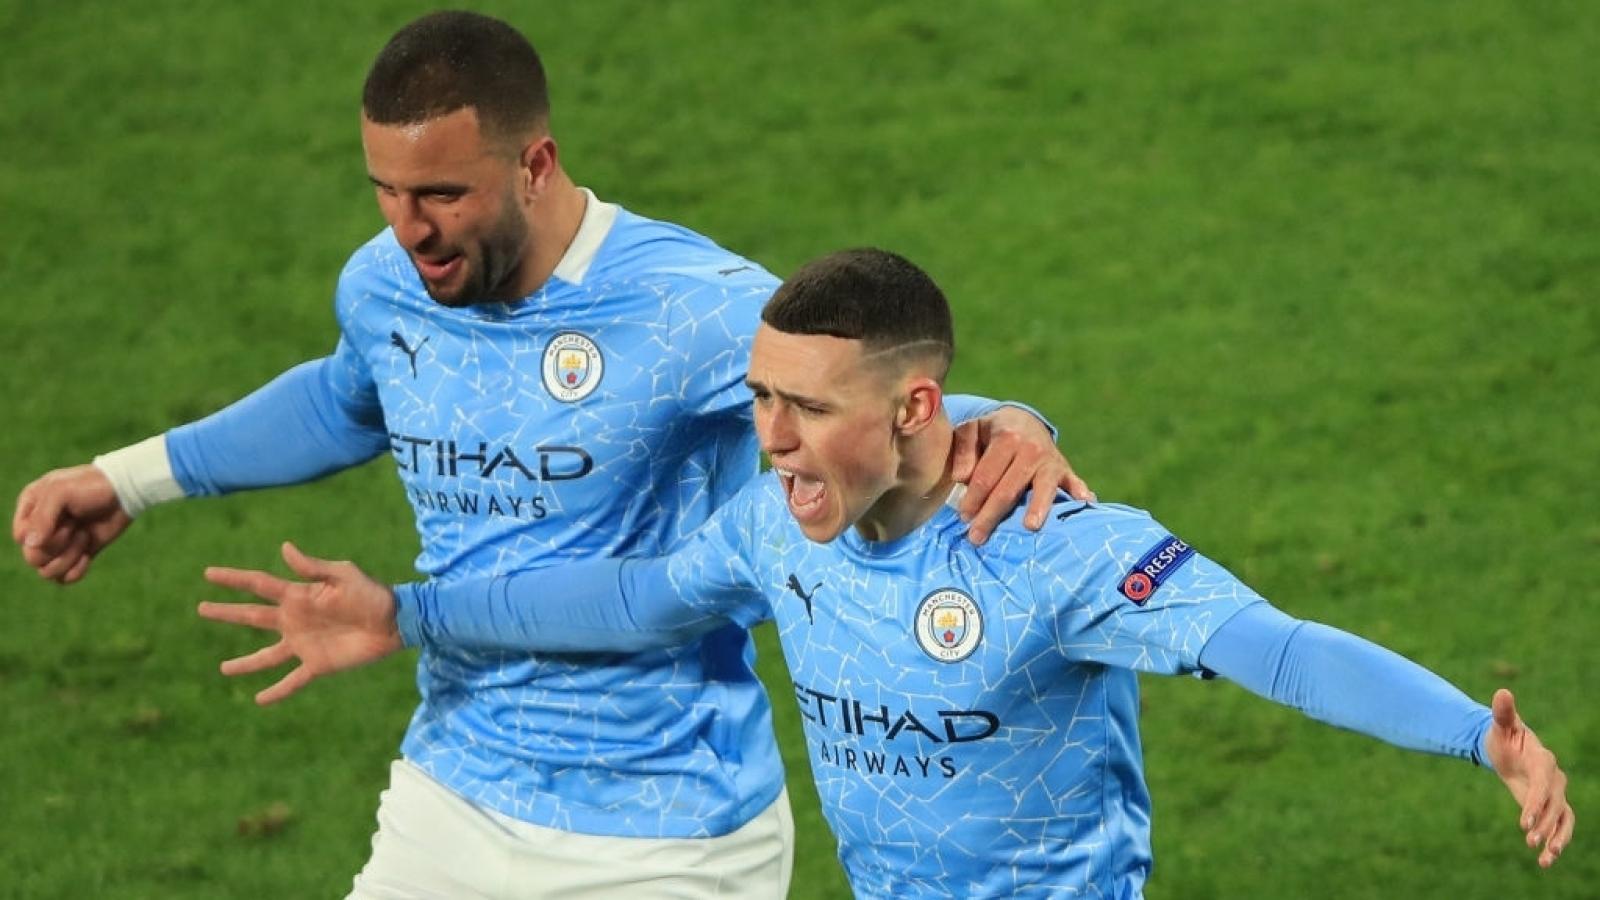 Đánh bại Dortmund, Man City gặp PSG ở bán kết Champions League